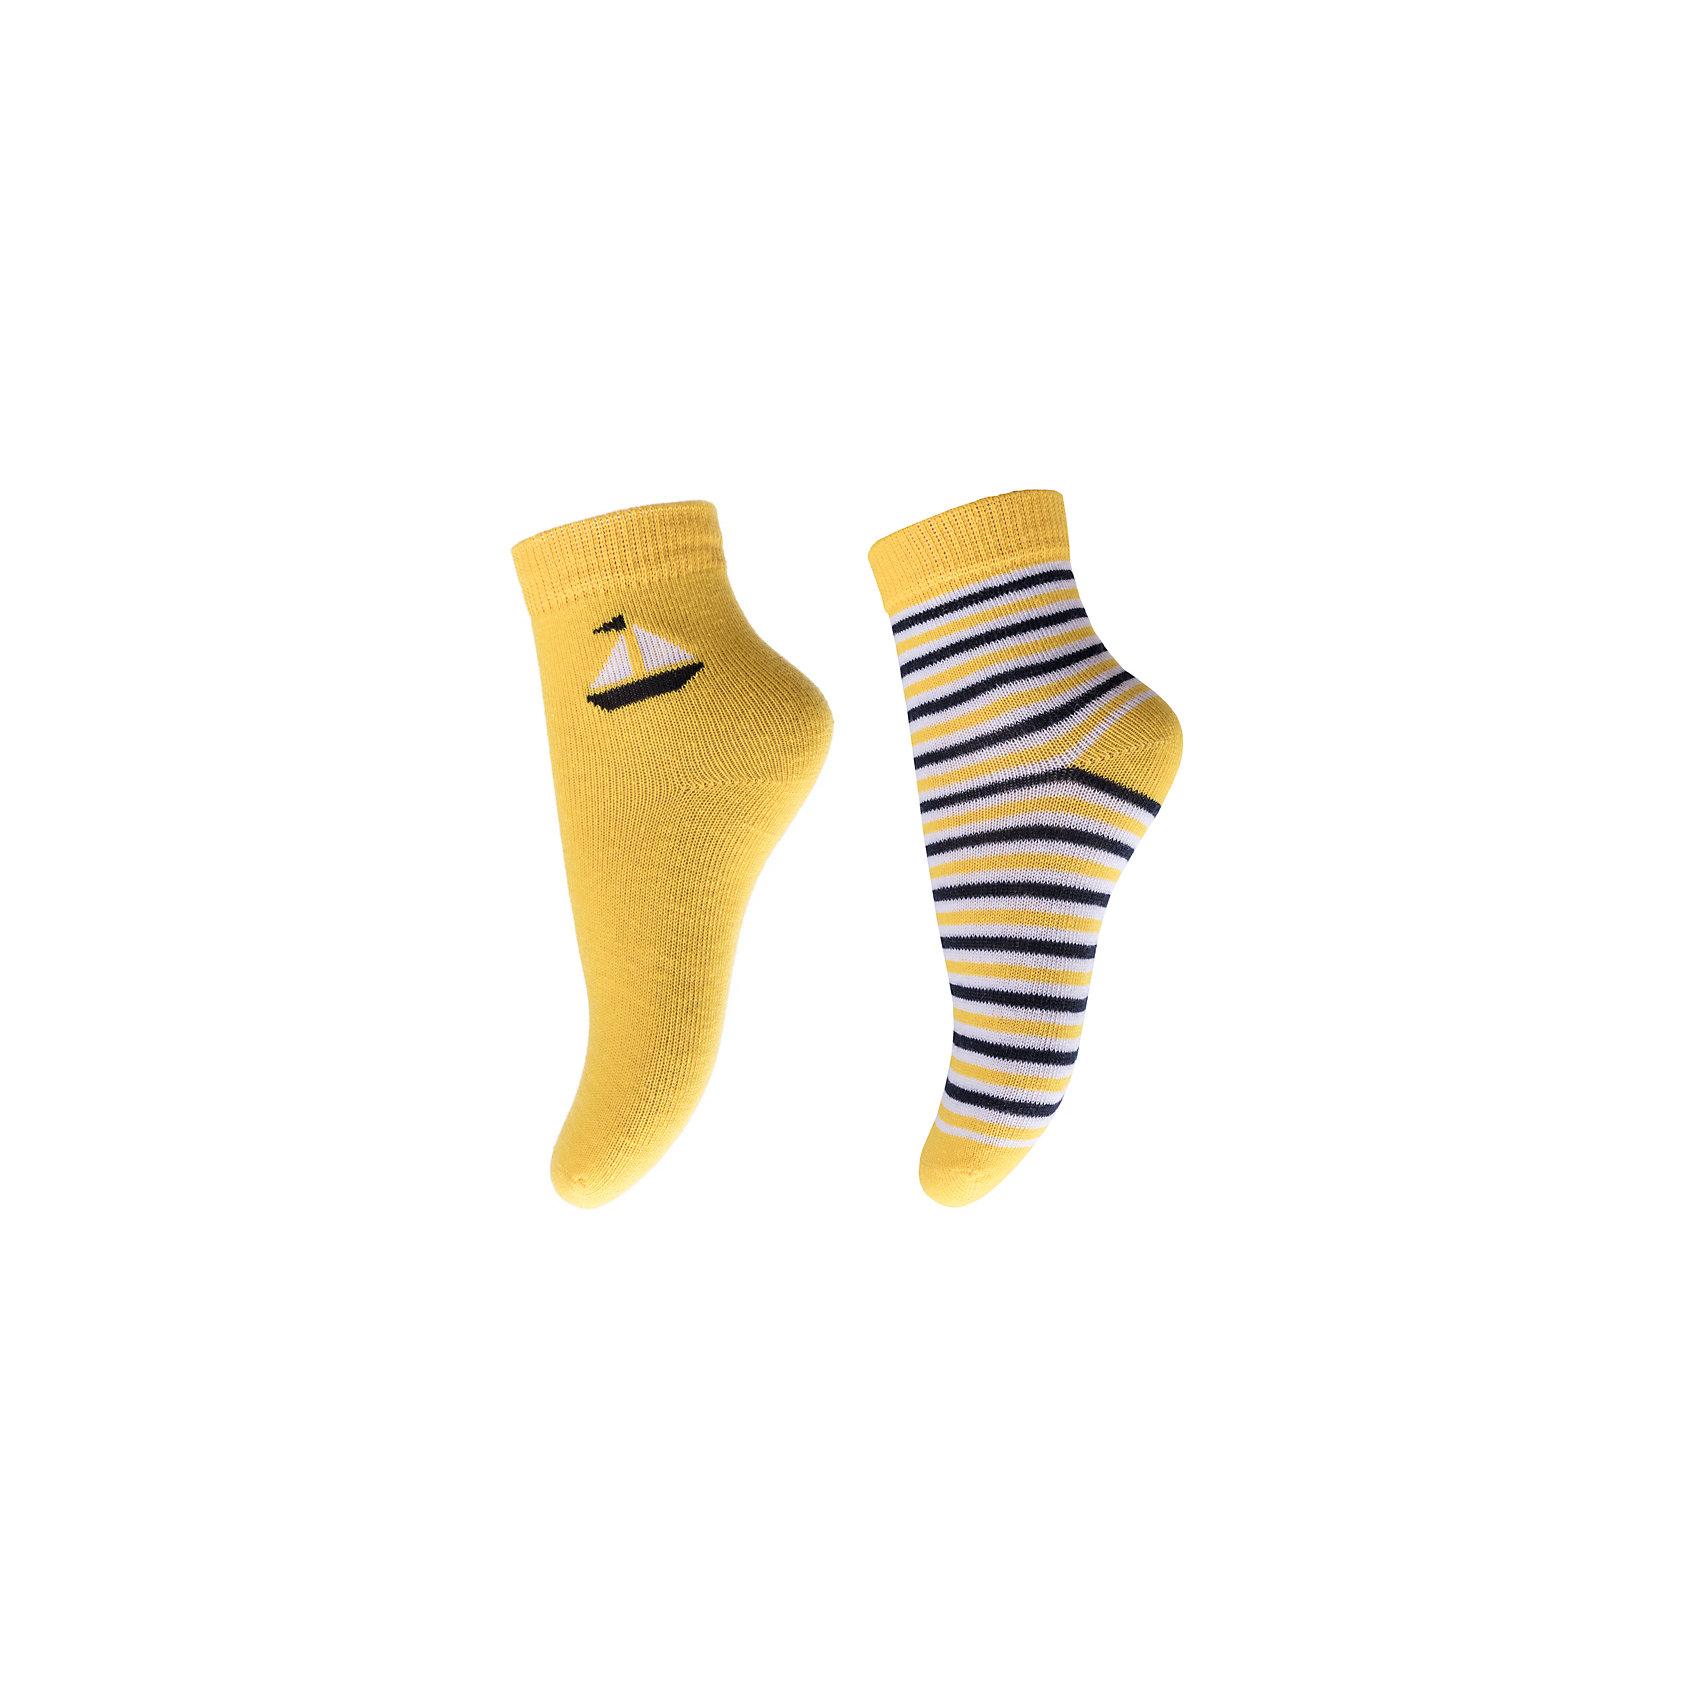 Носки для мальчика PlayTodayНоски<br>Носки очень мягкие, из качественных материалов, приятны к телу и не сковывают движений. Хорошо облегают ногу.Преимущества: Мягкие, выполненные из натуральных материалов, приятны к телу, не сковывают движенийХорошо пропускают воздух, позволяя тем самым коже дышатьДаже частые стирки, при условии соблюдений рекомендаций по уходу, не изменят ни форму, ни цвет изделия.<br>Состав:<br>75% хлопок, 22% нейлон, 3% эластан<br><br>Ширина мм: 87<br>Глубина мм: 10<br>Высота мм: 105<br>Вес г: 115<br>Цвет: разноцветный<br>Возраст от месяцев: 12<br>Возраст до месяцев: 24<br>Пол: Мужской<br>Возраст: Детский<br>Размер: 12,11<br>SKU: 5604606